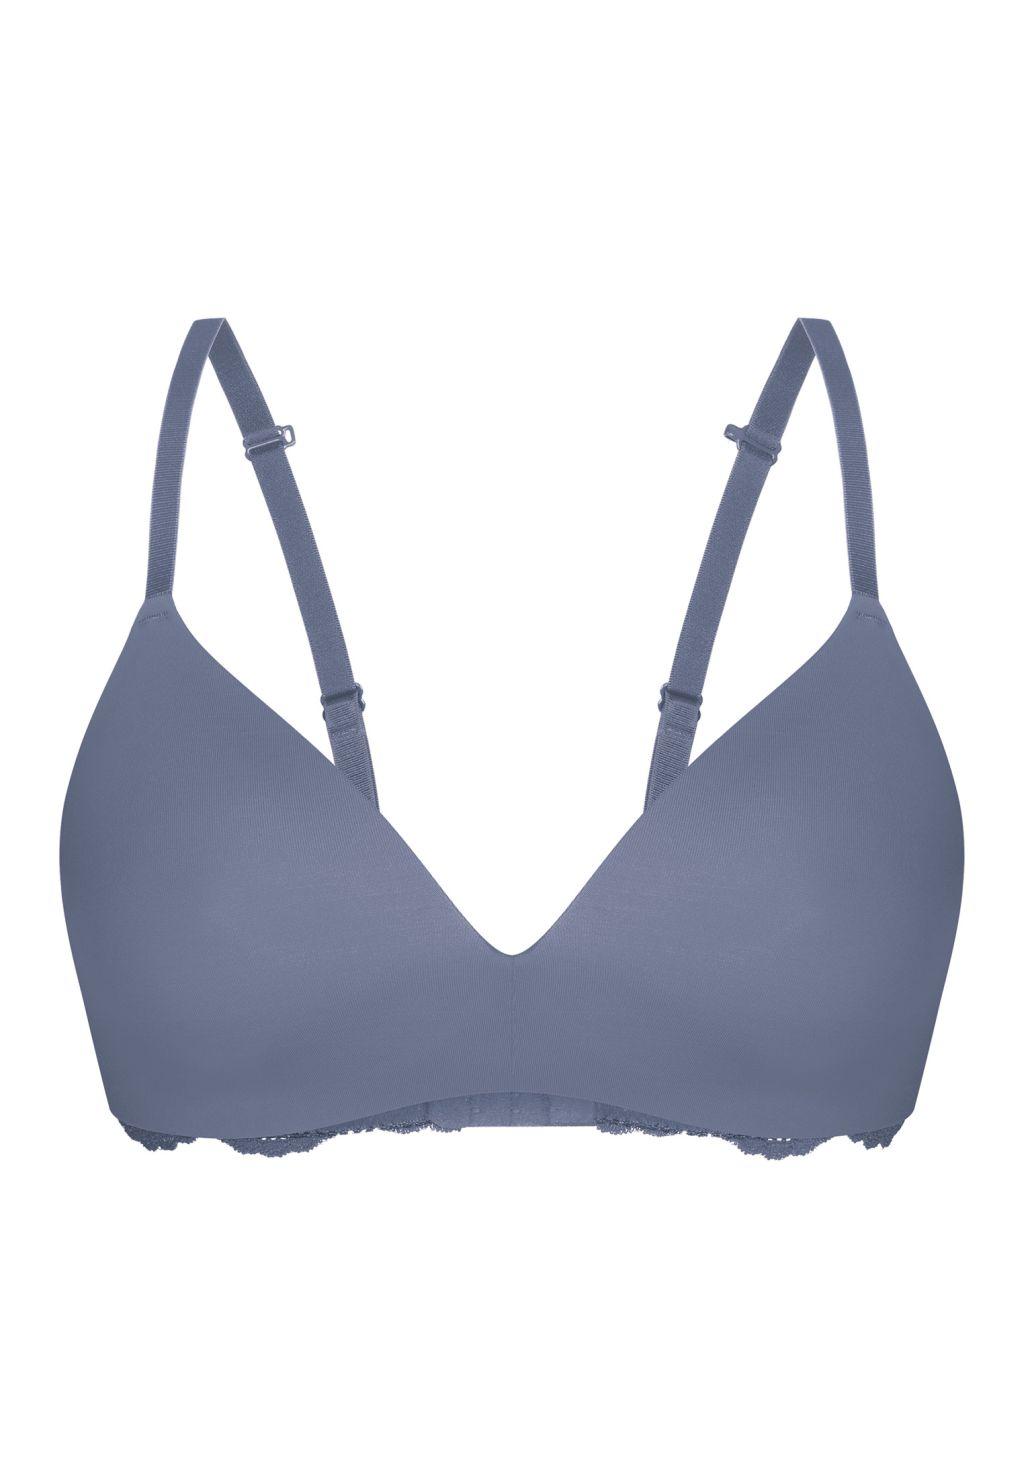 Sassa Soft-BH Classc Lace ohne Bügel verschiedene Farben 14660 70 - 95 A - C